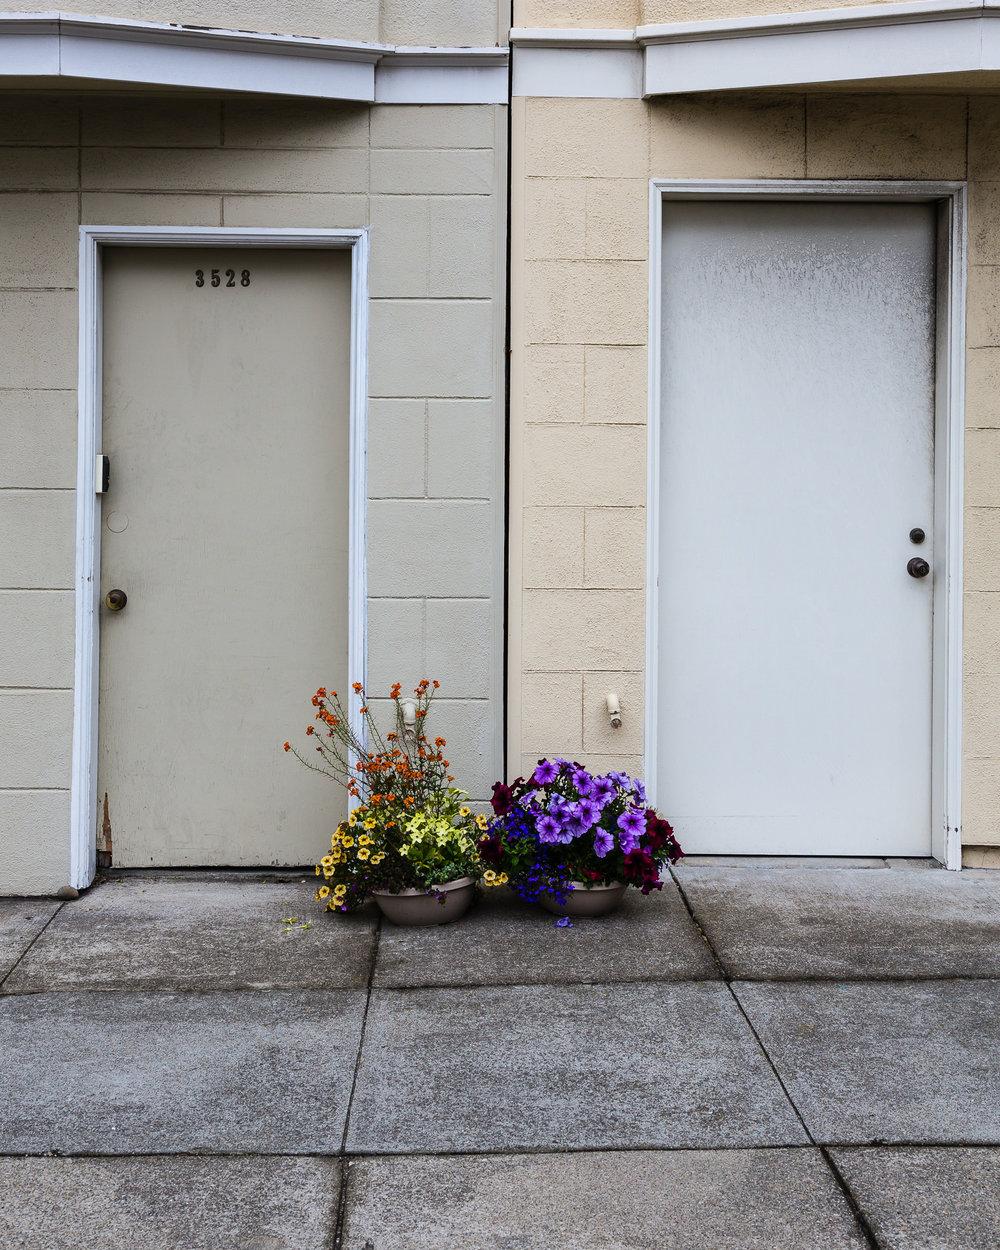 Entrances_2015_07_10_101.jpg